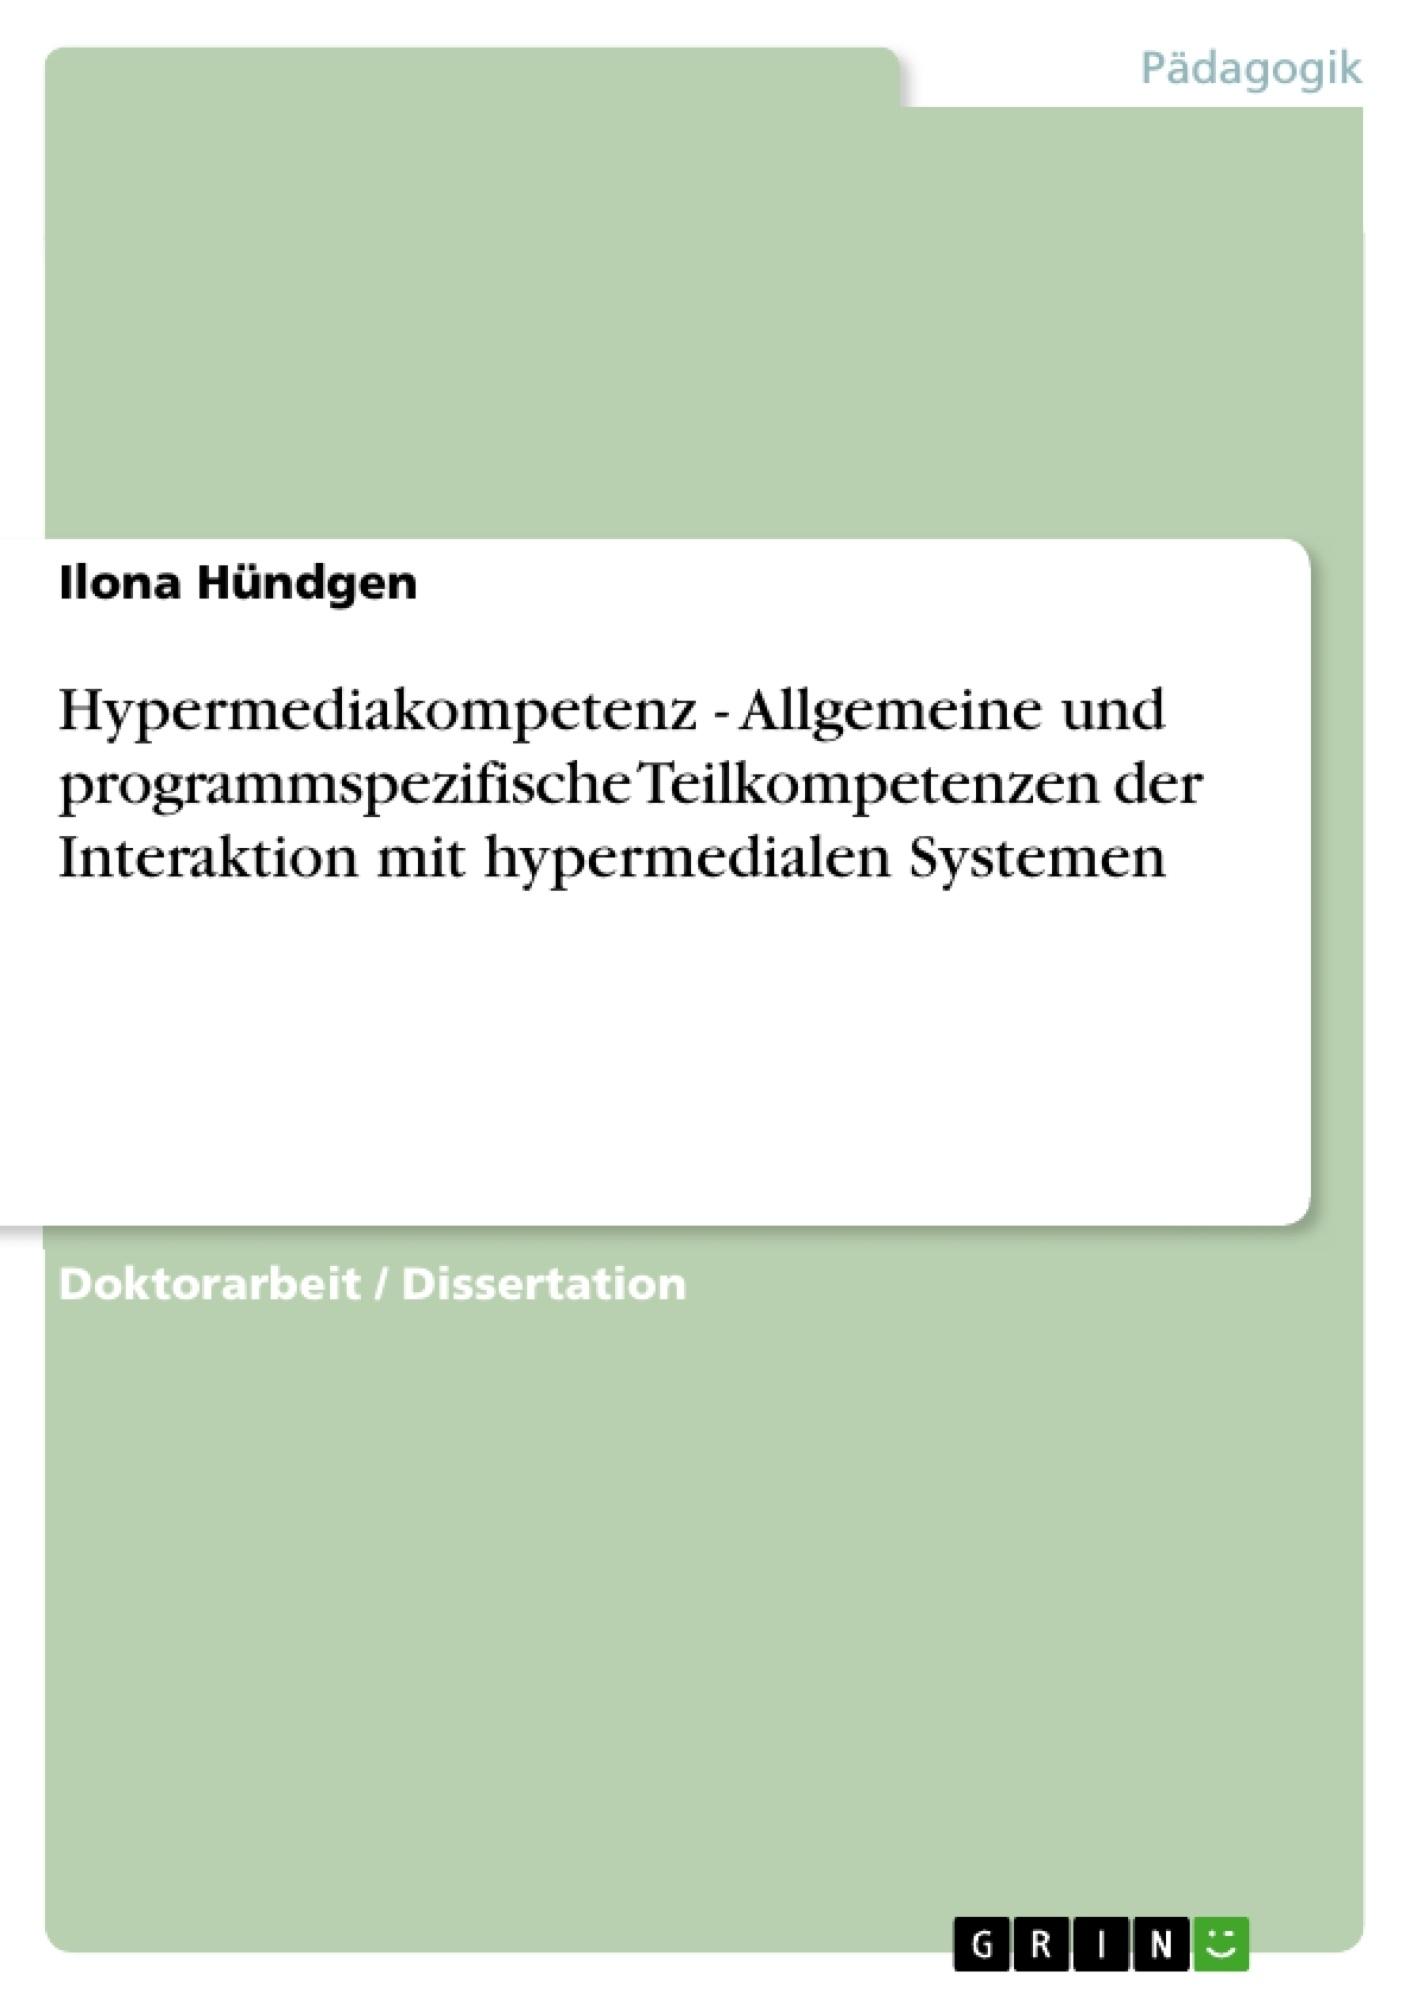 Titel: Hypermediakompetenz - Allgemeine und programmspezifische Teilkompetenzen der Interaktion mit hypermedialen Systemen